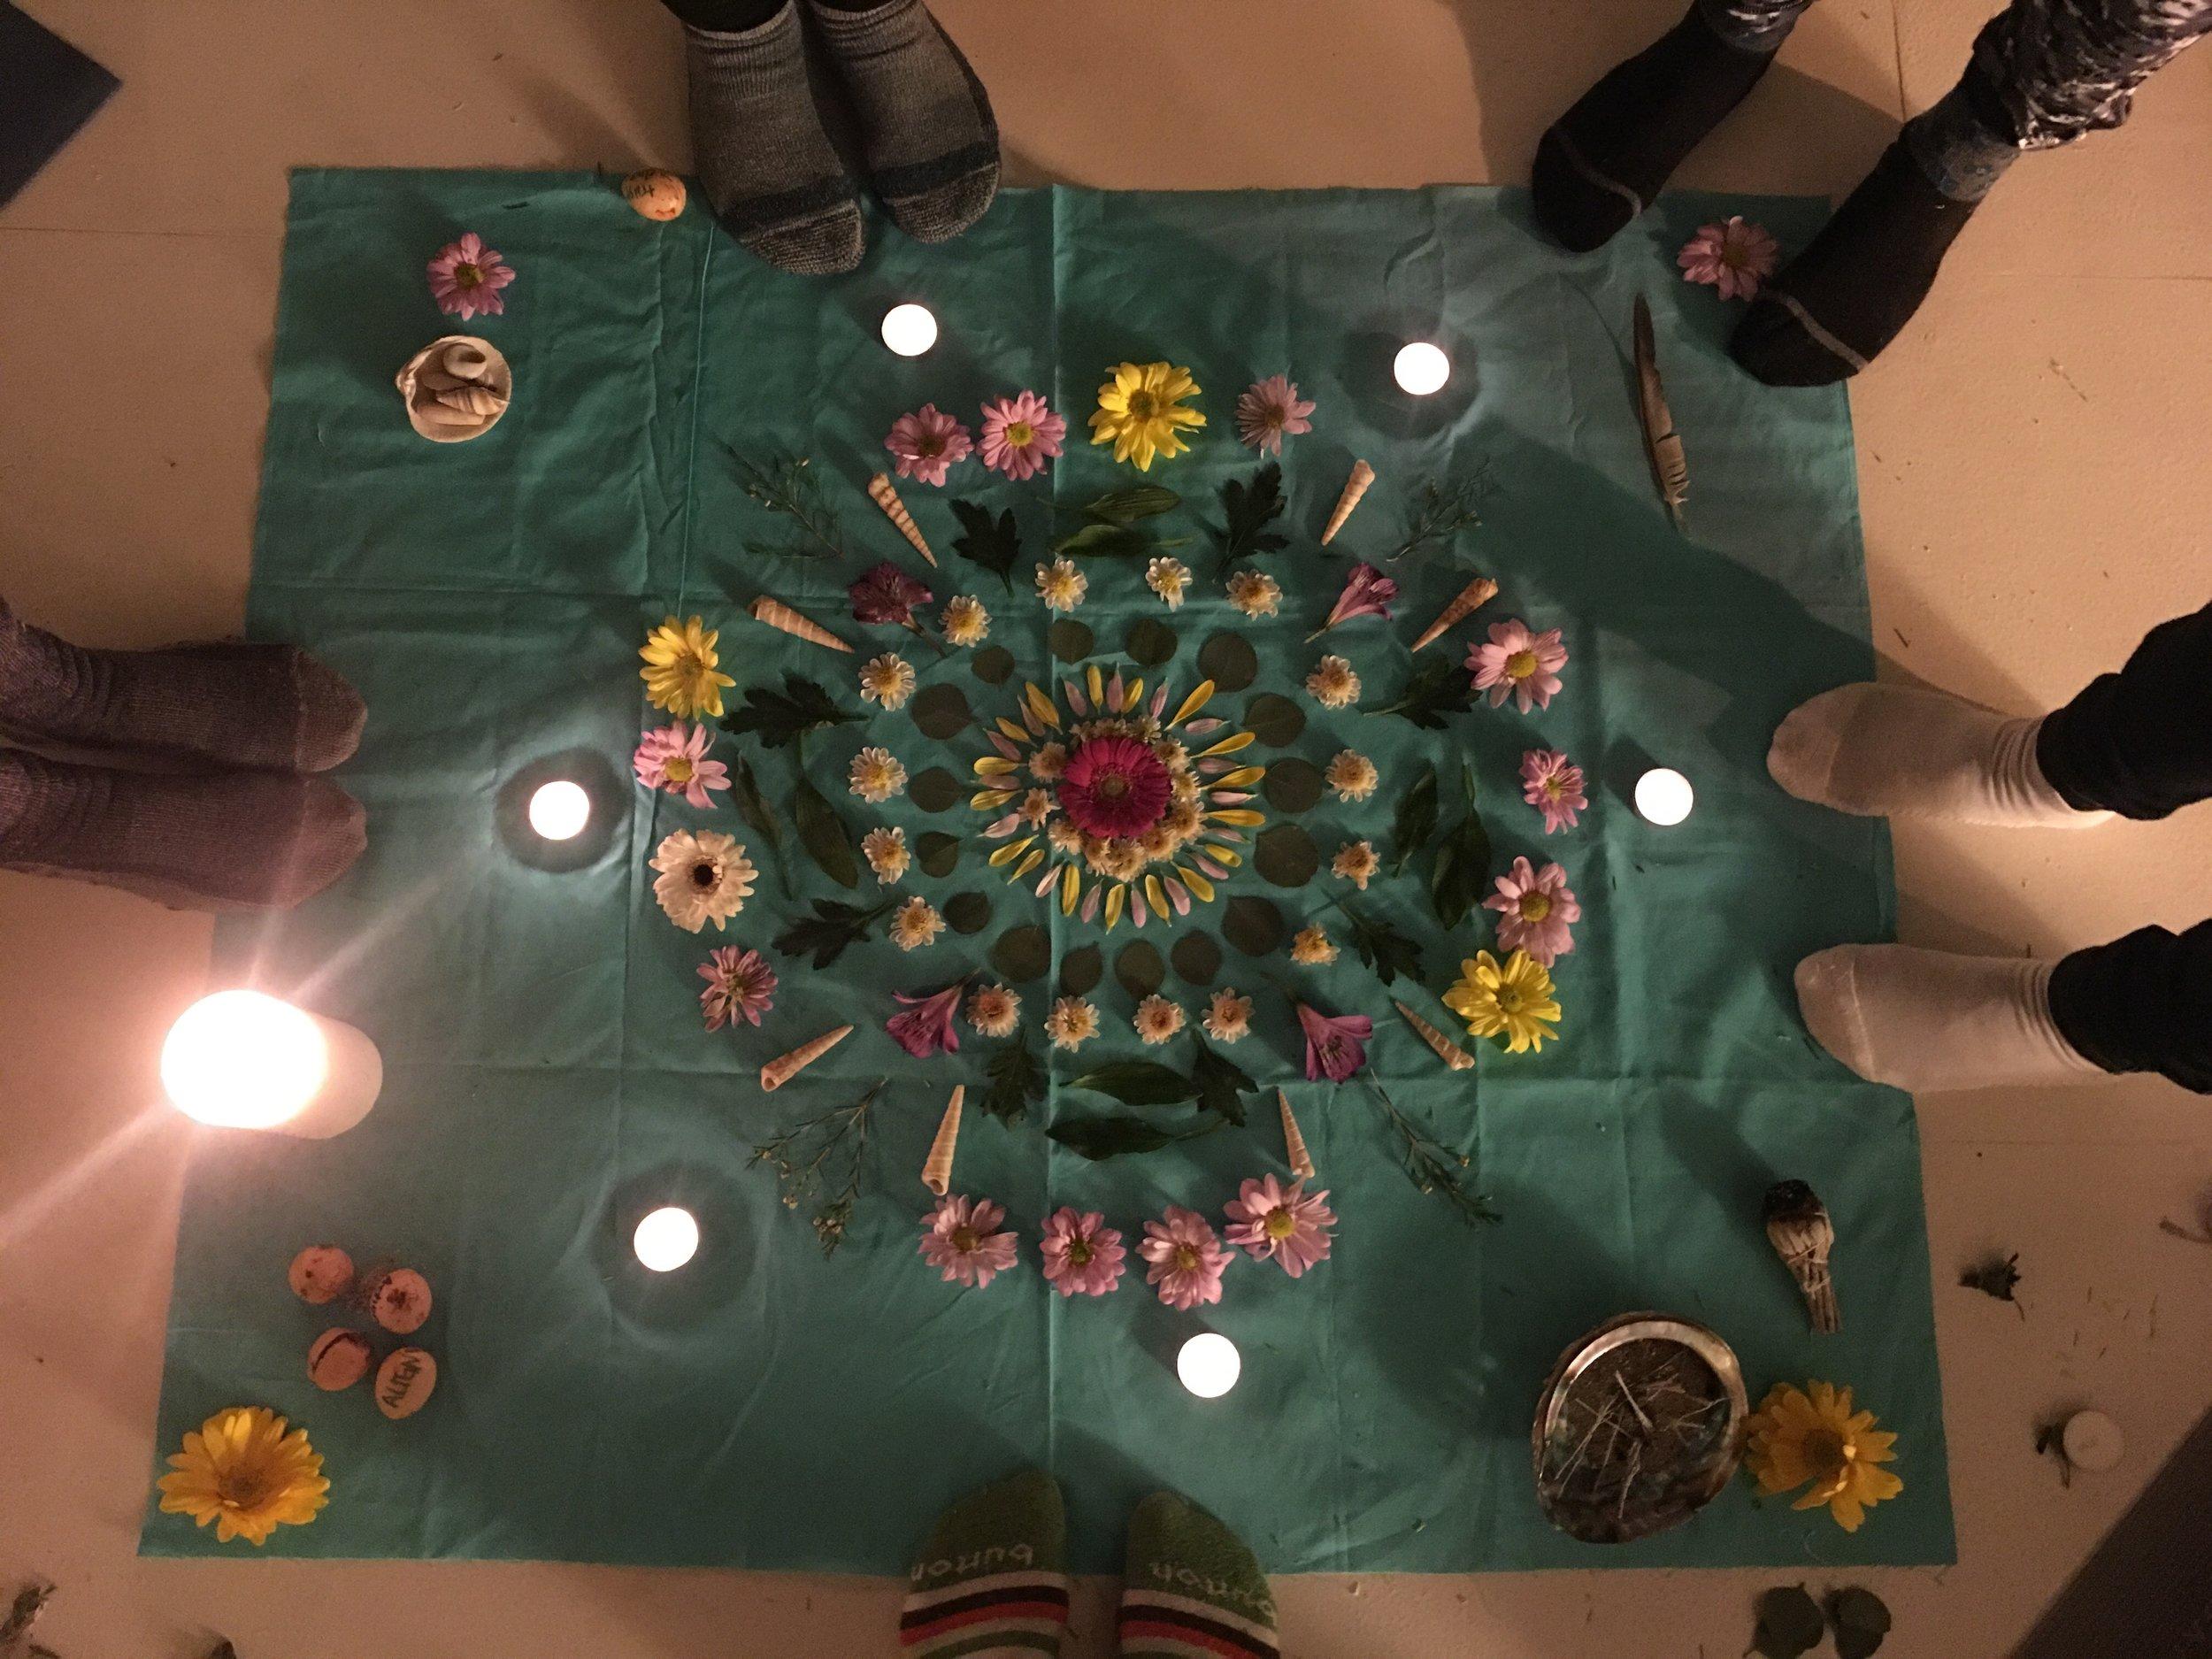 '17 January Aquarius New Moon Circle Flower Mandala